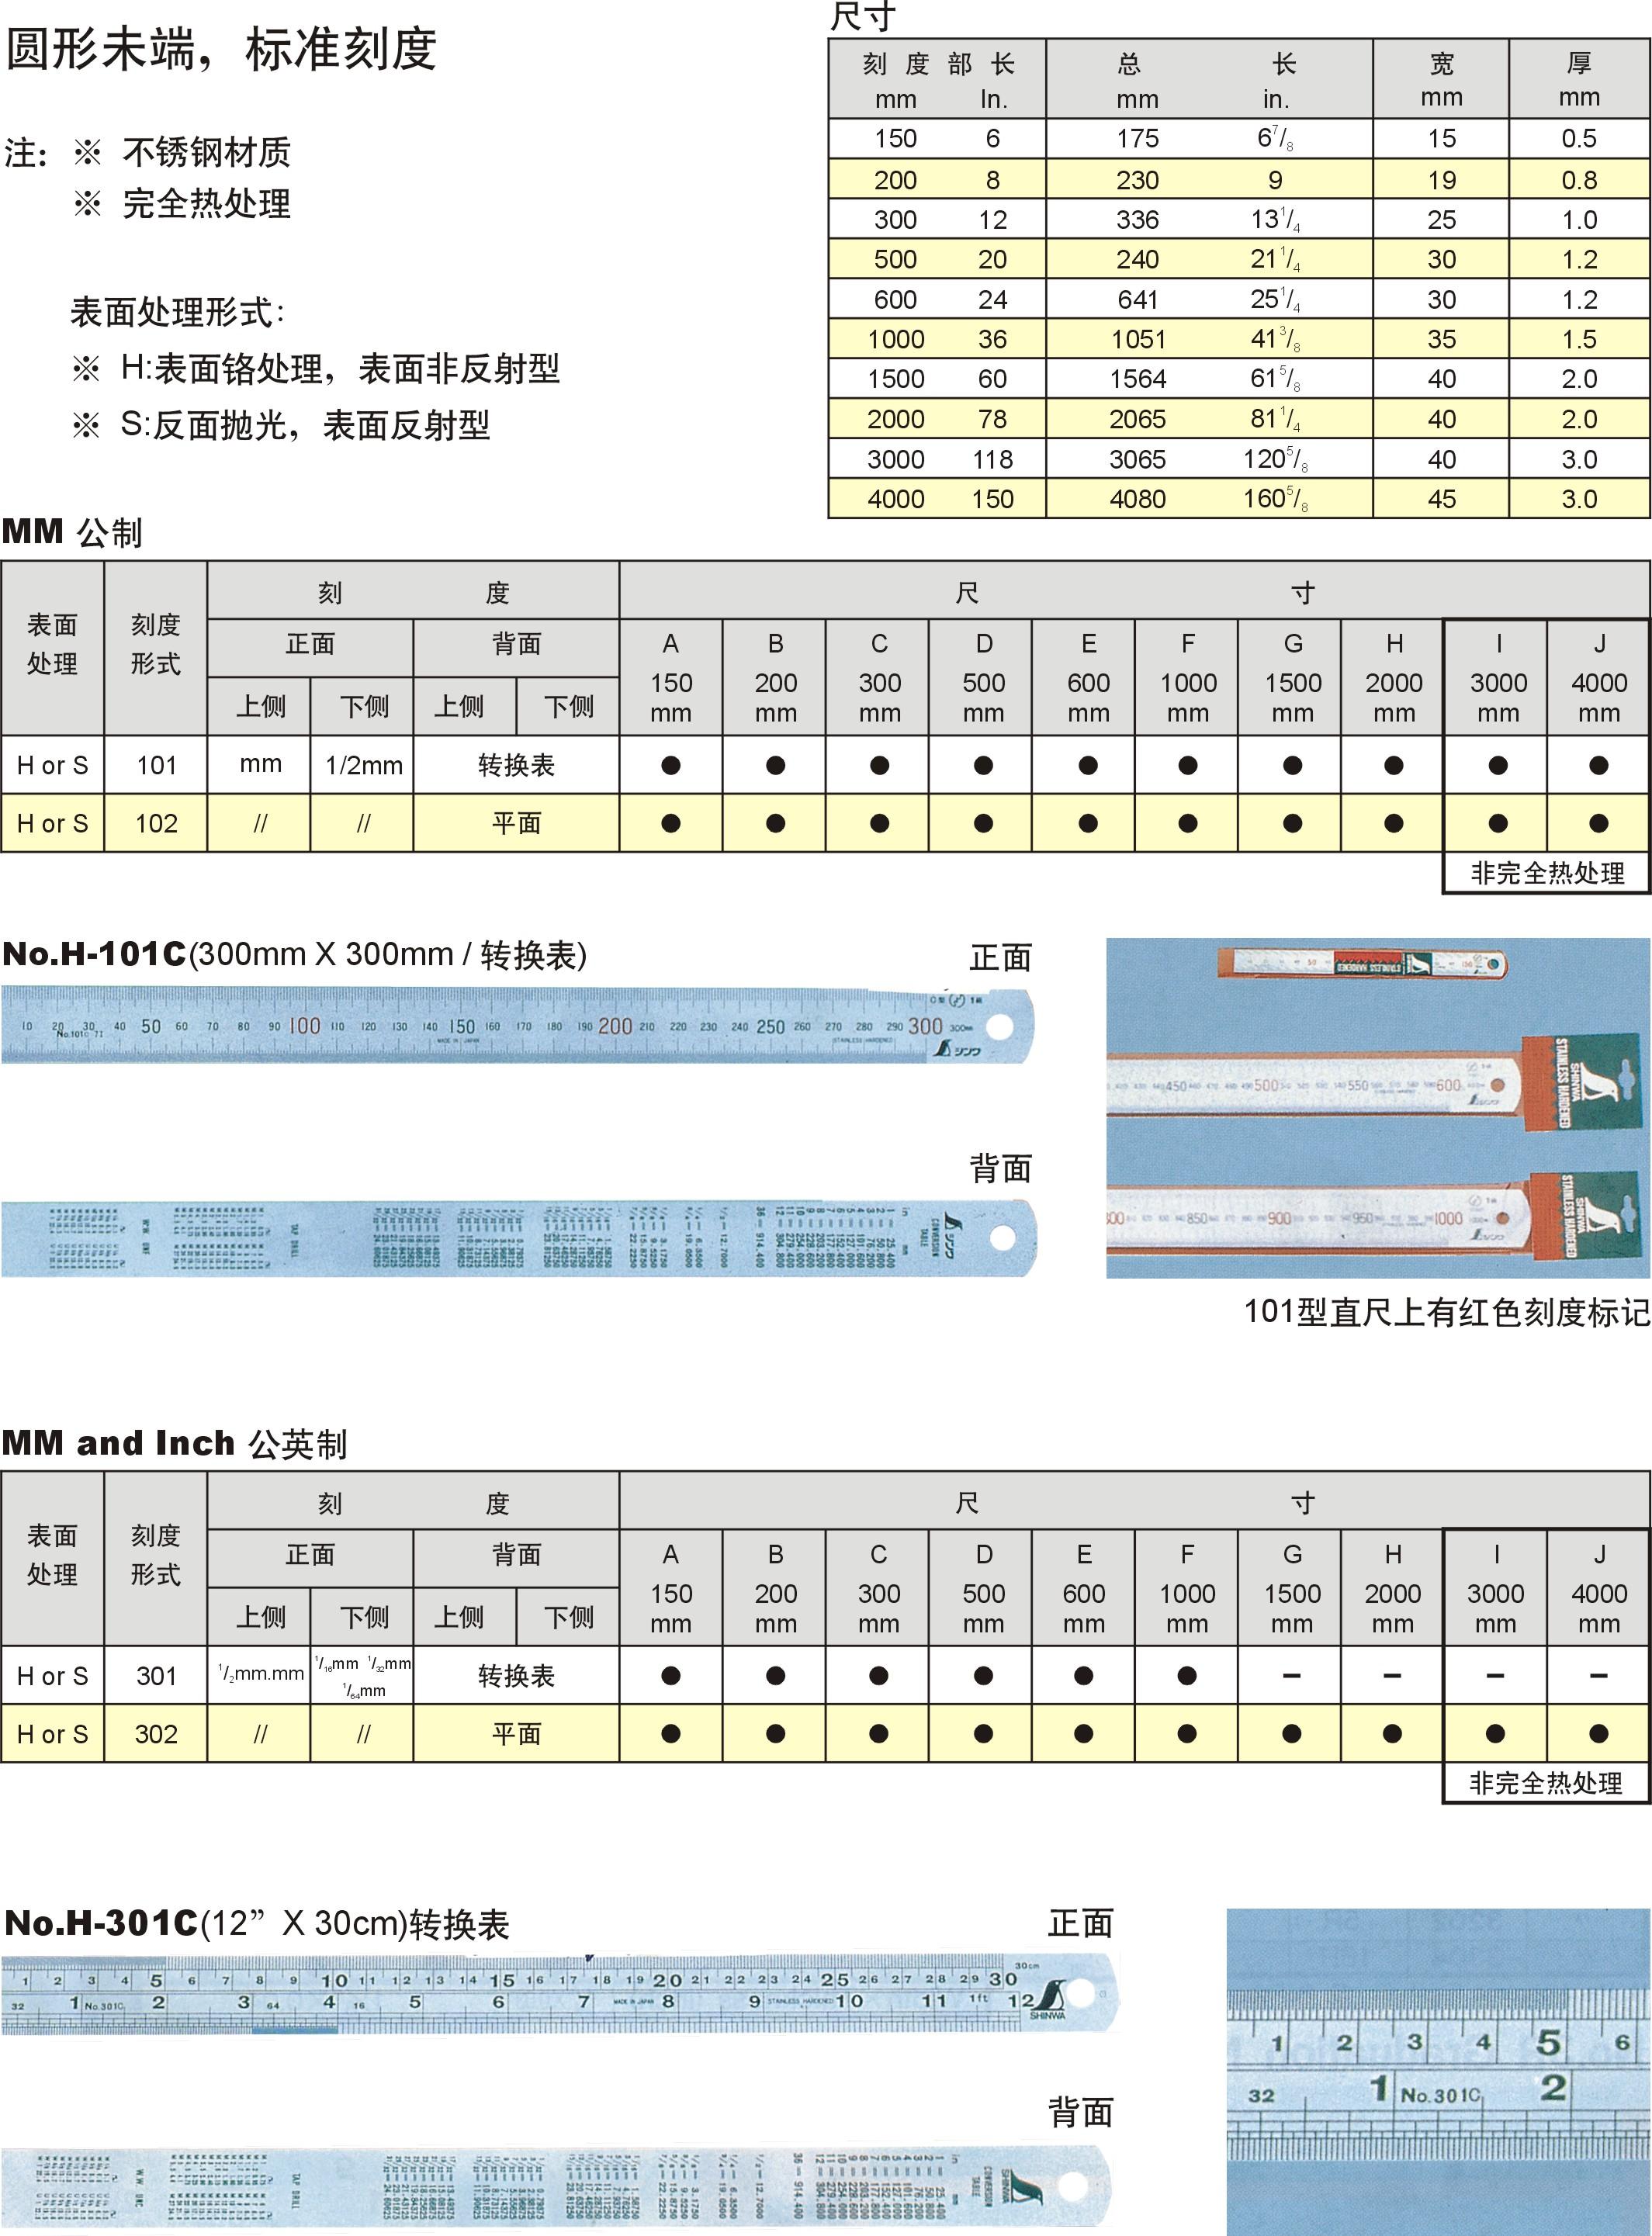 日本企鹅牌钢直尺